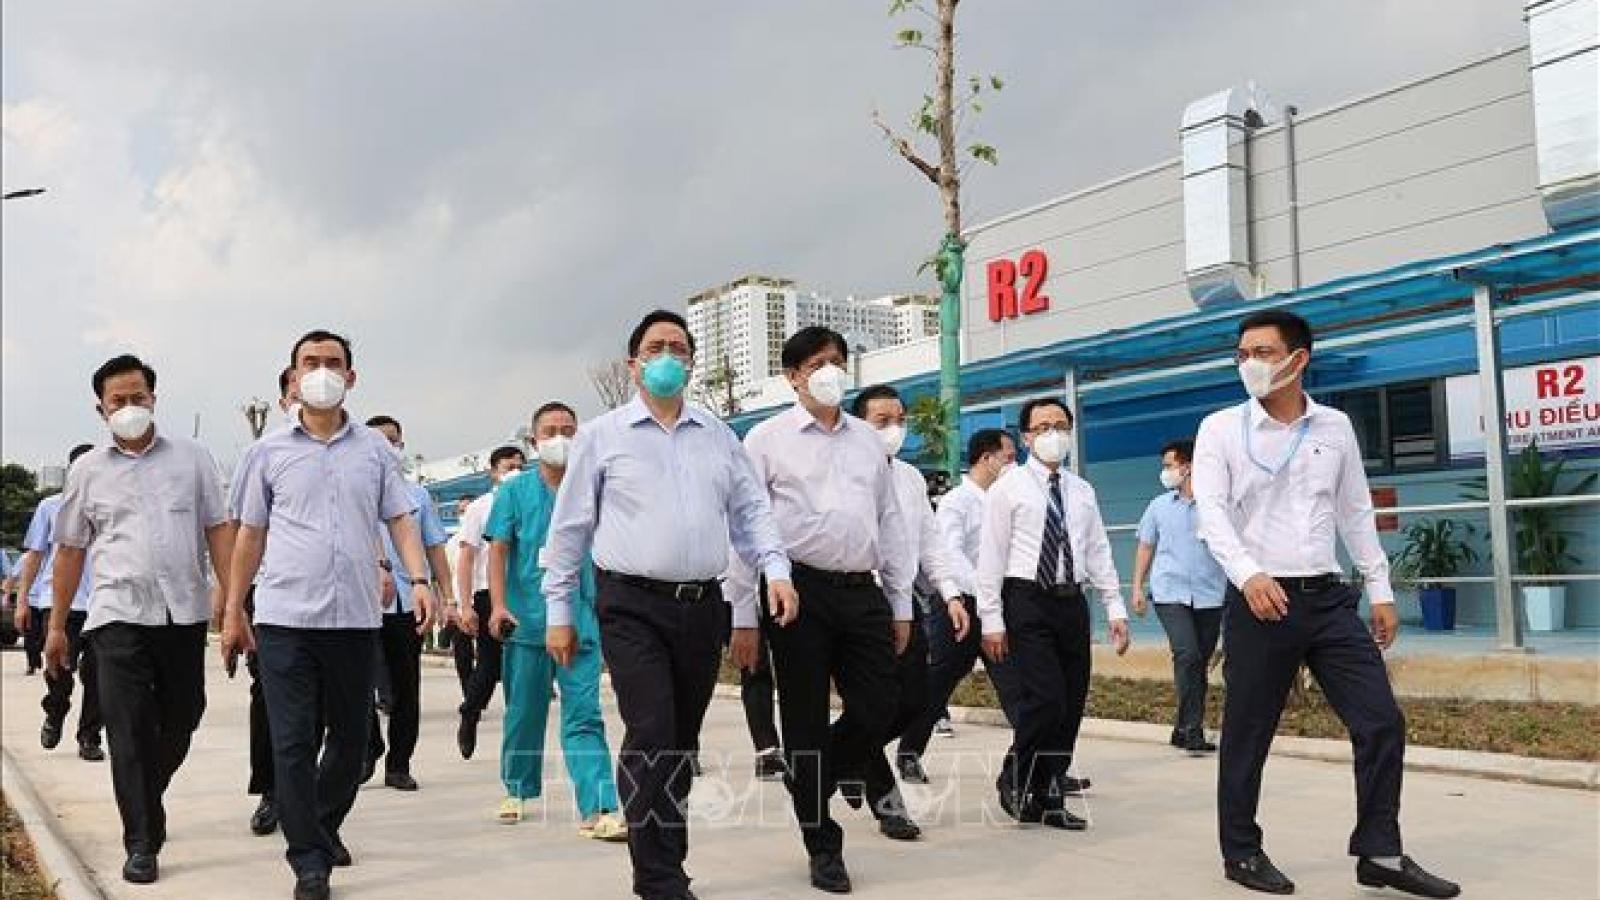 Thủ tướng kiểm tra Bệnh viện tuyến cuối điều trị bệnh nhân COVID-19 tại Hà Nội